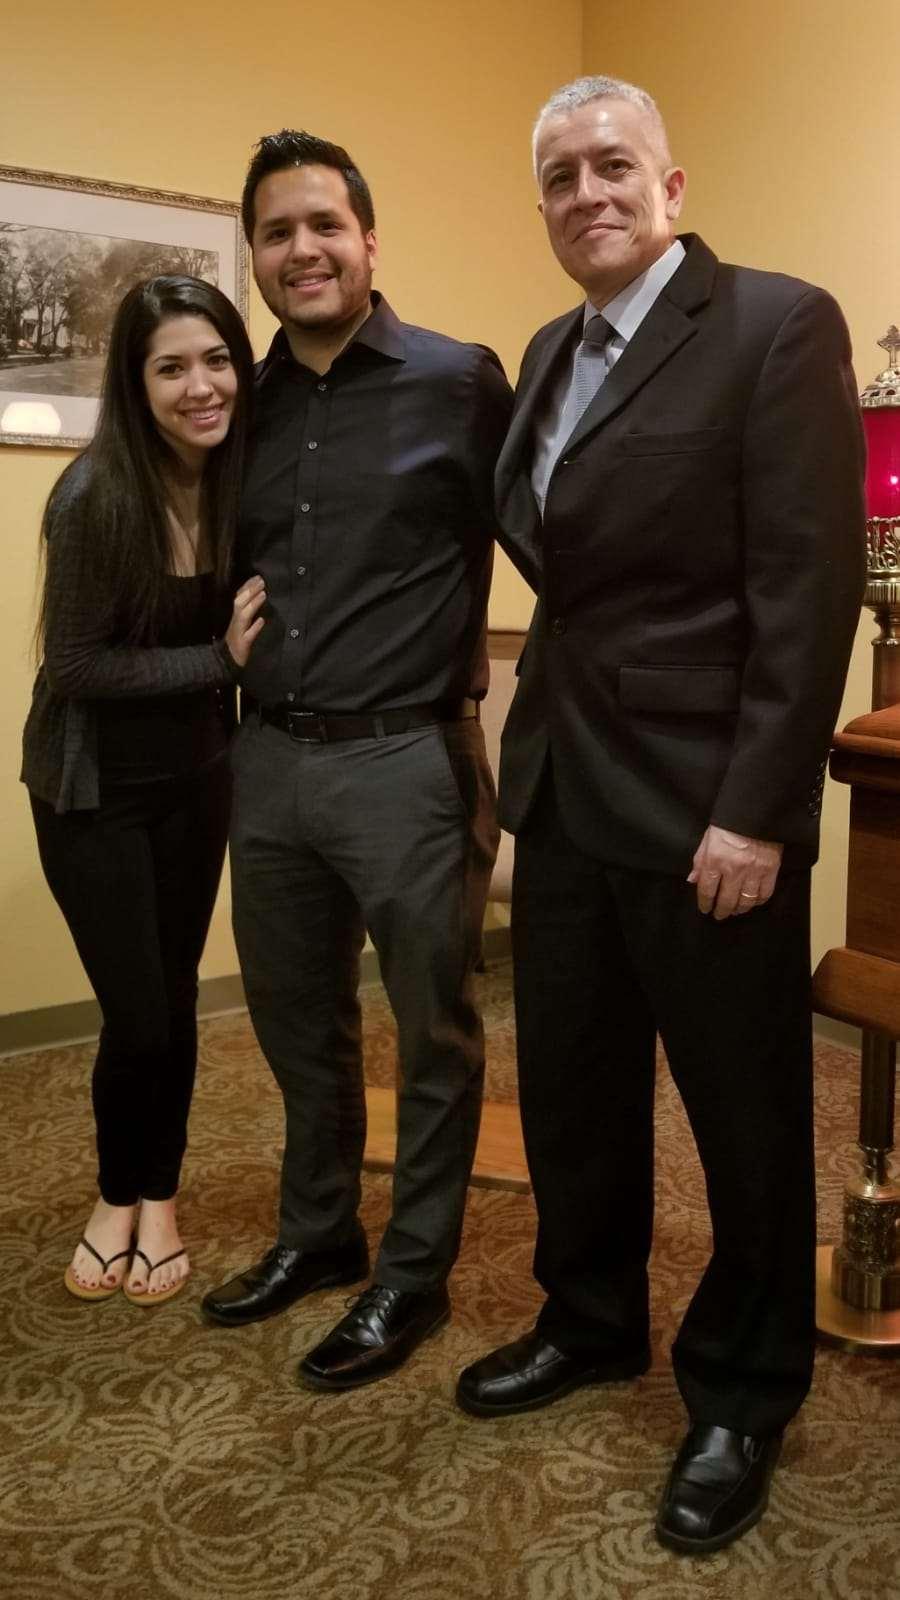 Esmeralda y David Carvajal, y Carlos A.  Luz Alba le encanto presenciar la boda de David Y Esmeralda.